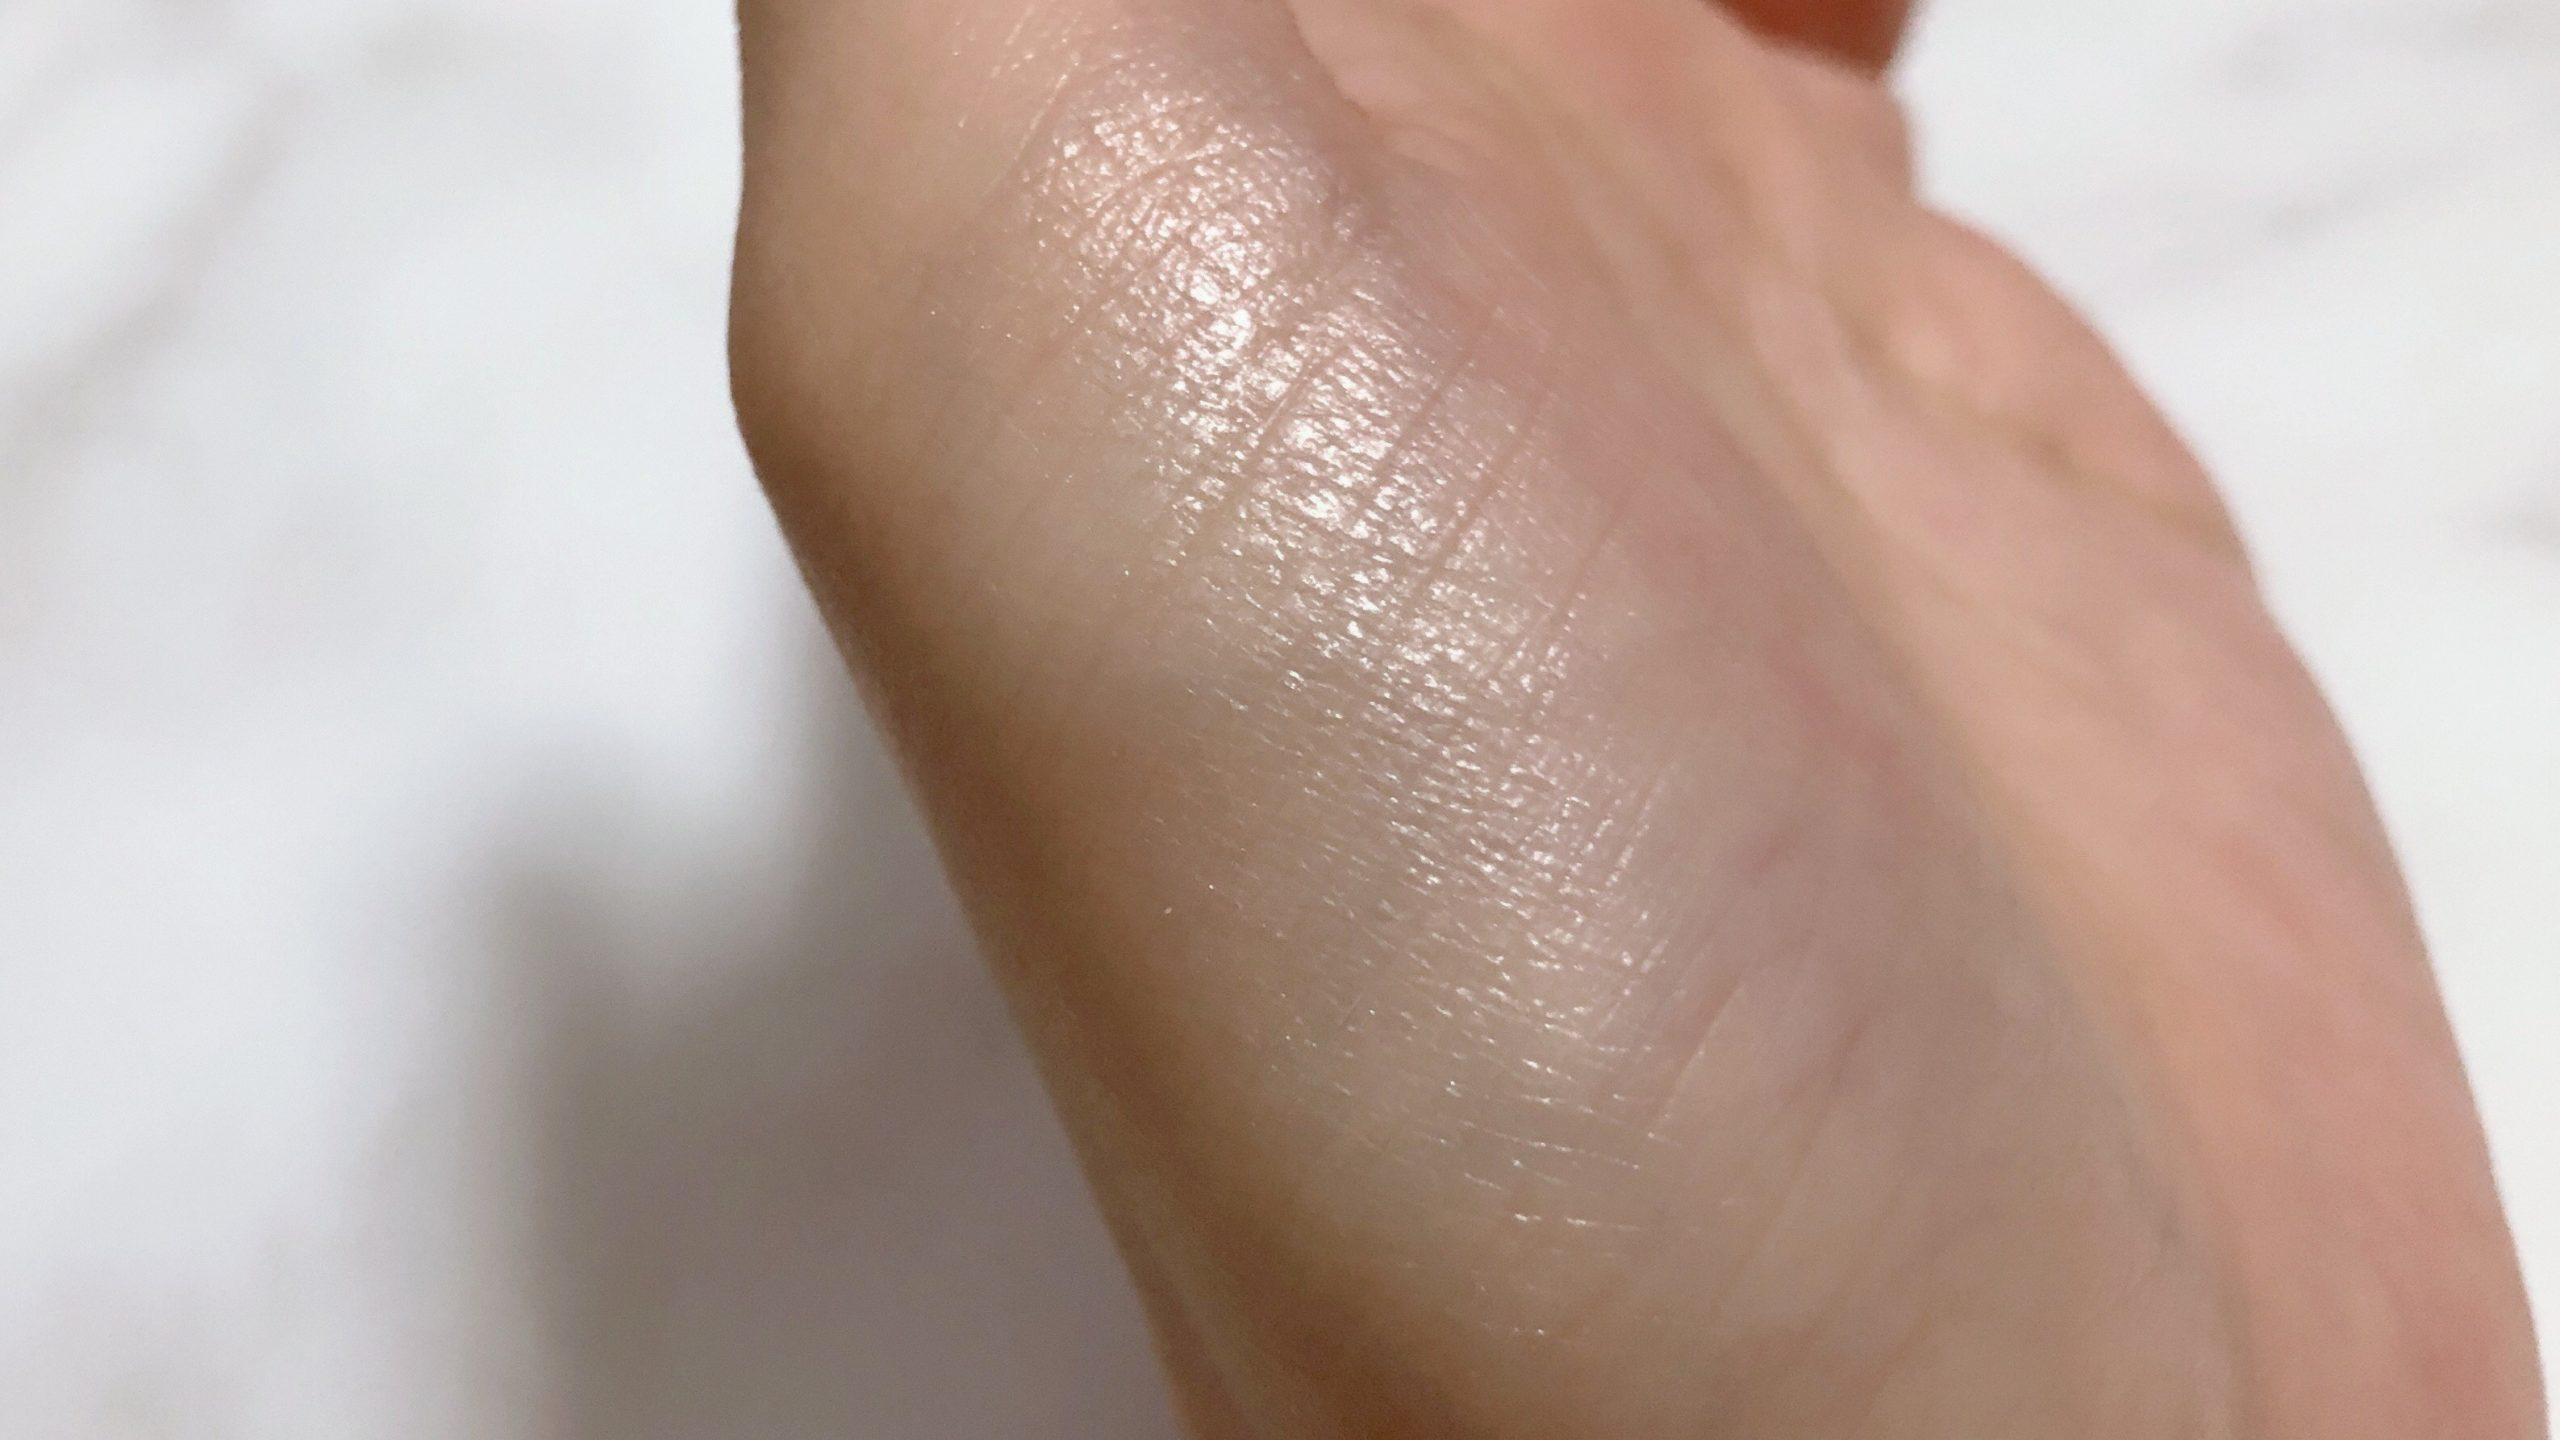 指でたっぷり粉を取って塗ってみた写真